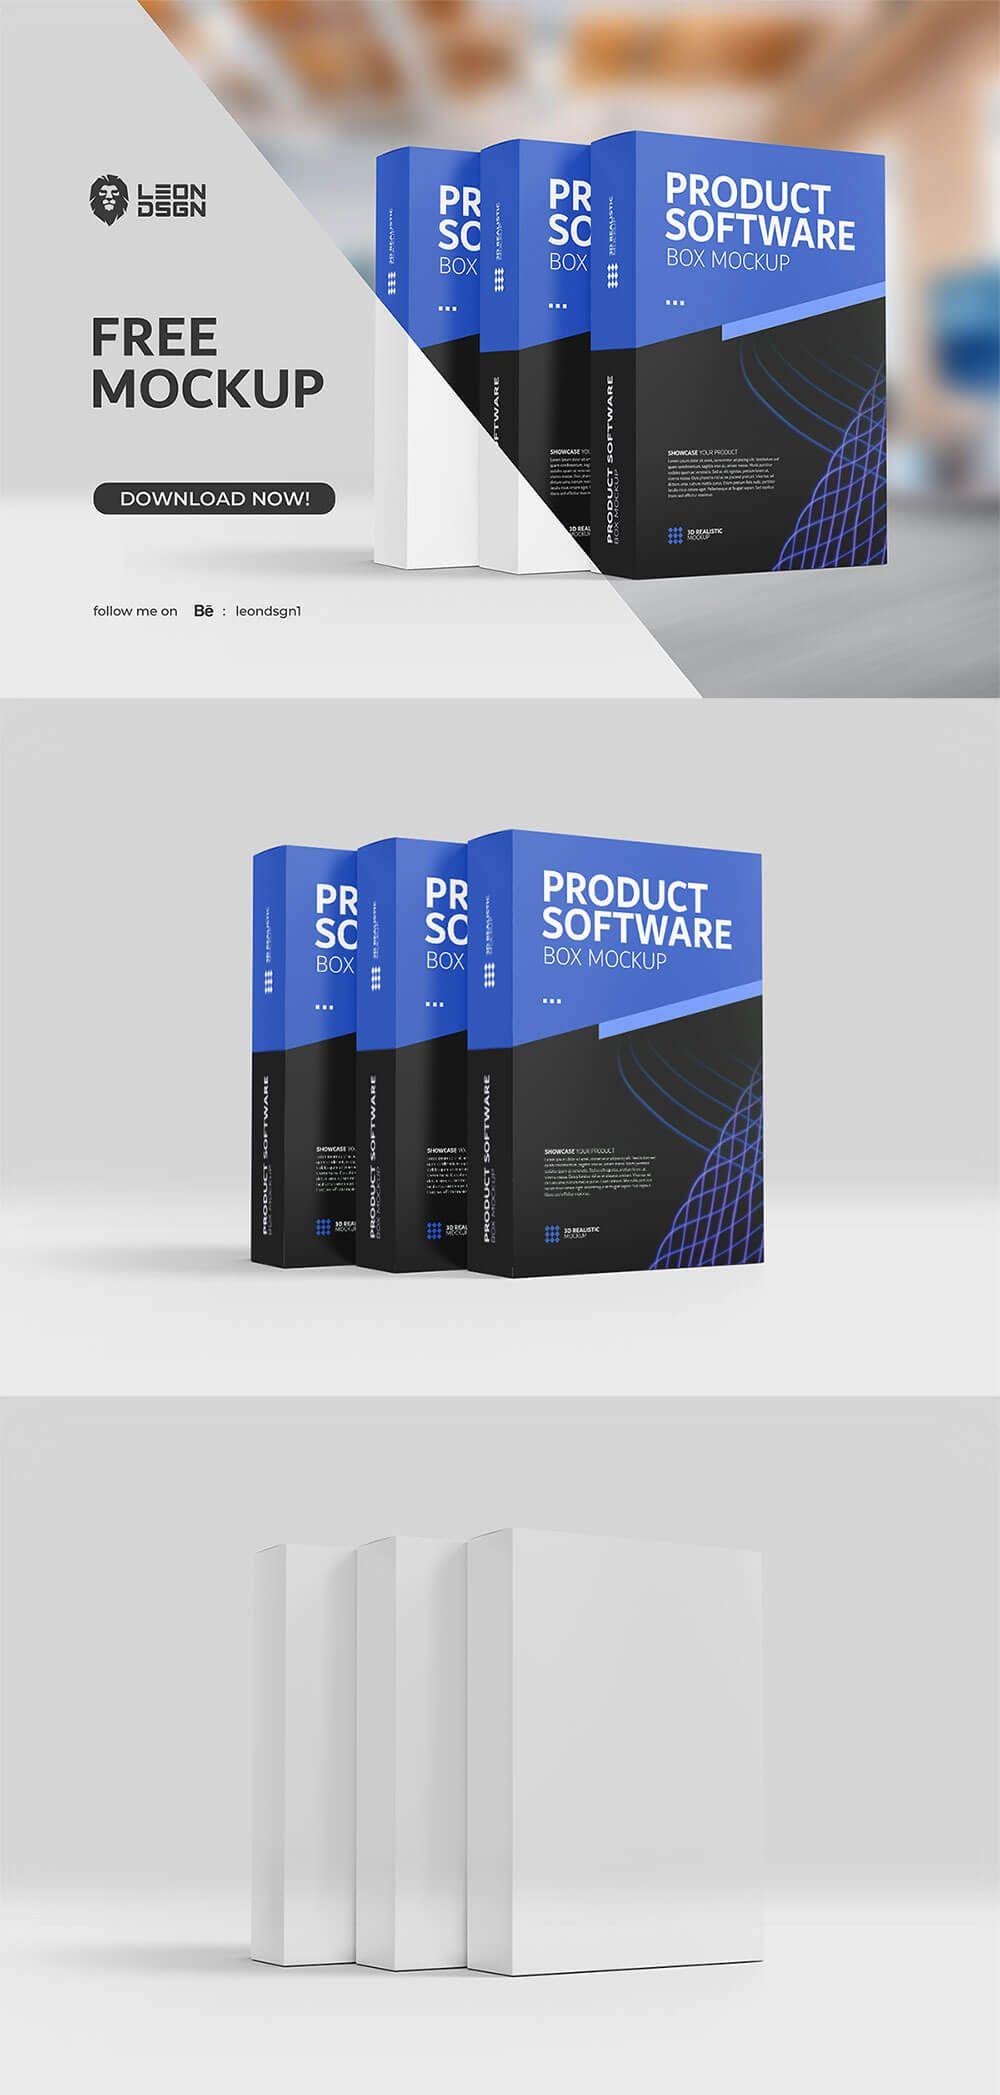 Download Free Product Software Box Mockup Box Mockup Mockup Packaging Box Mockup